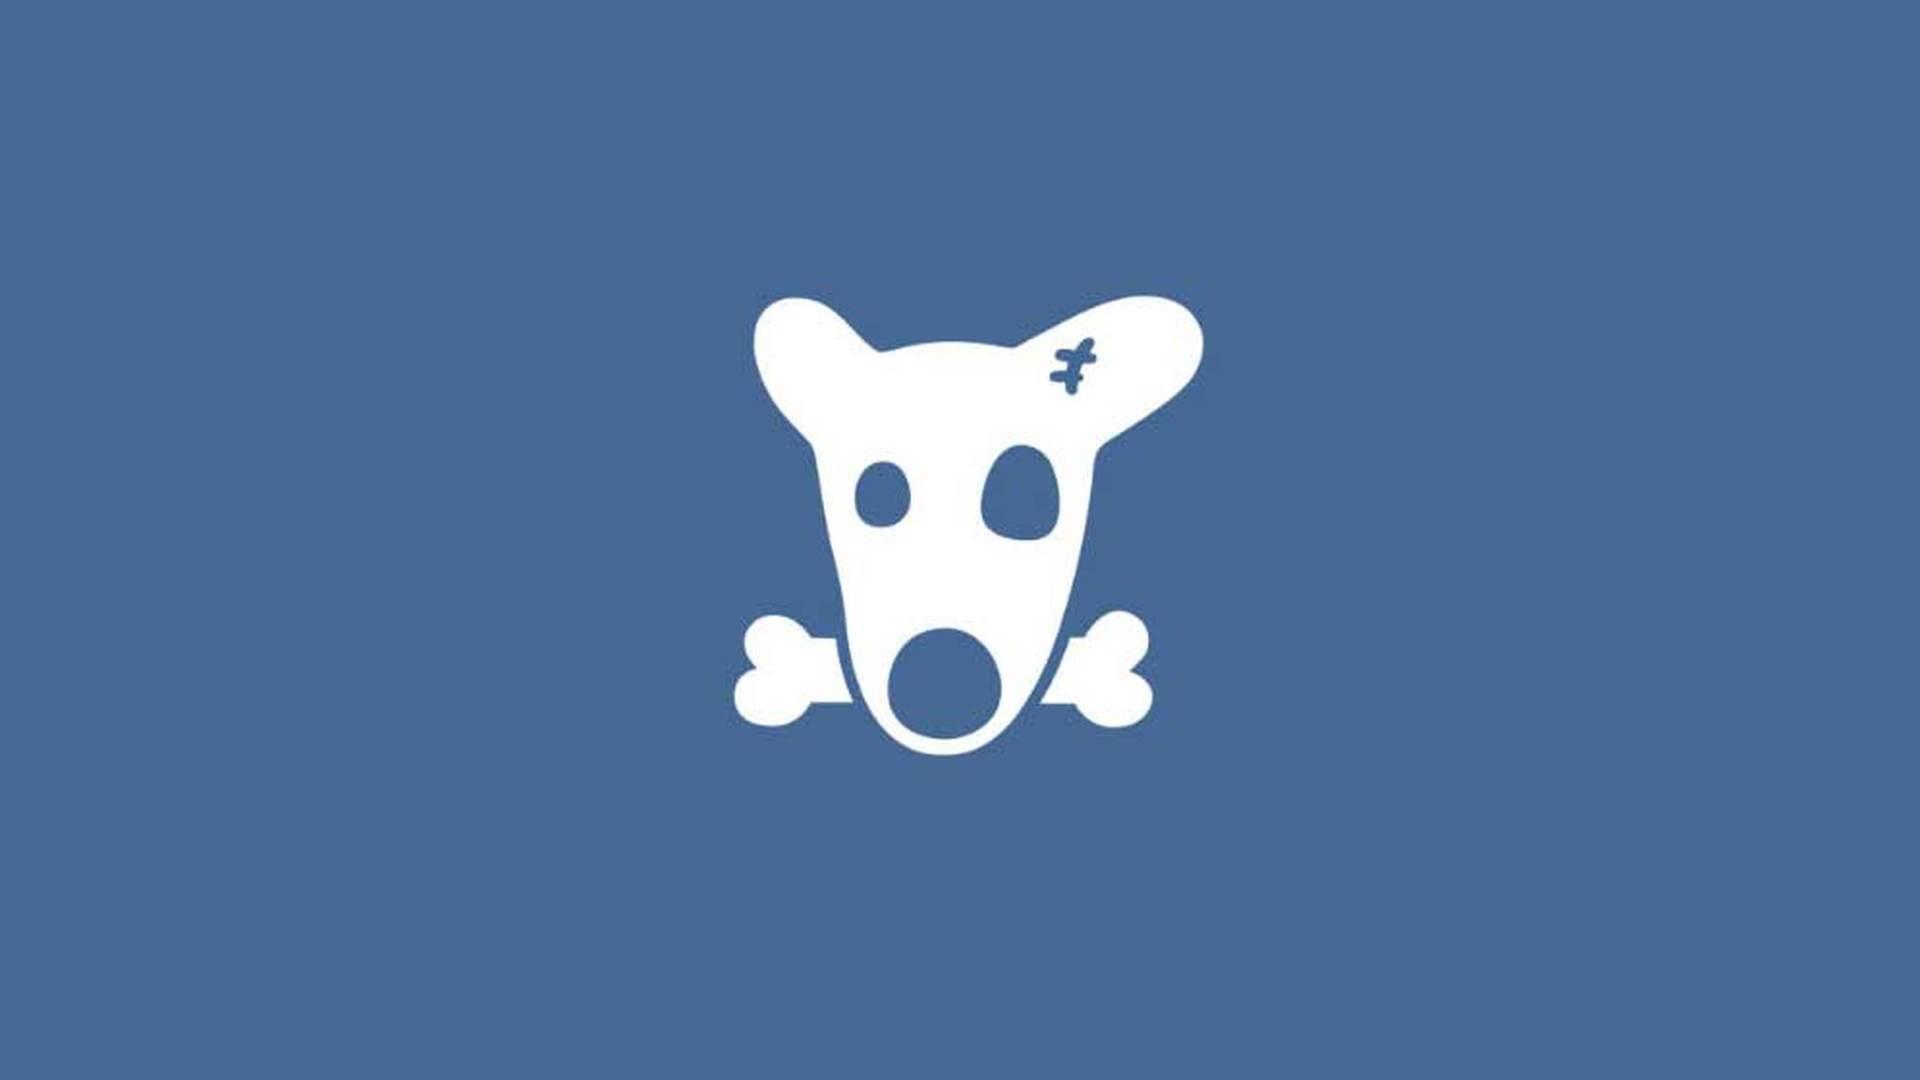 ВКонтакте сбой 14 января 2020 сегодня ВК не работает DELETED пользователи